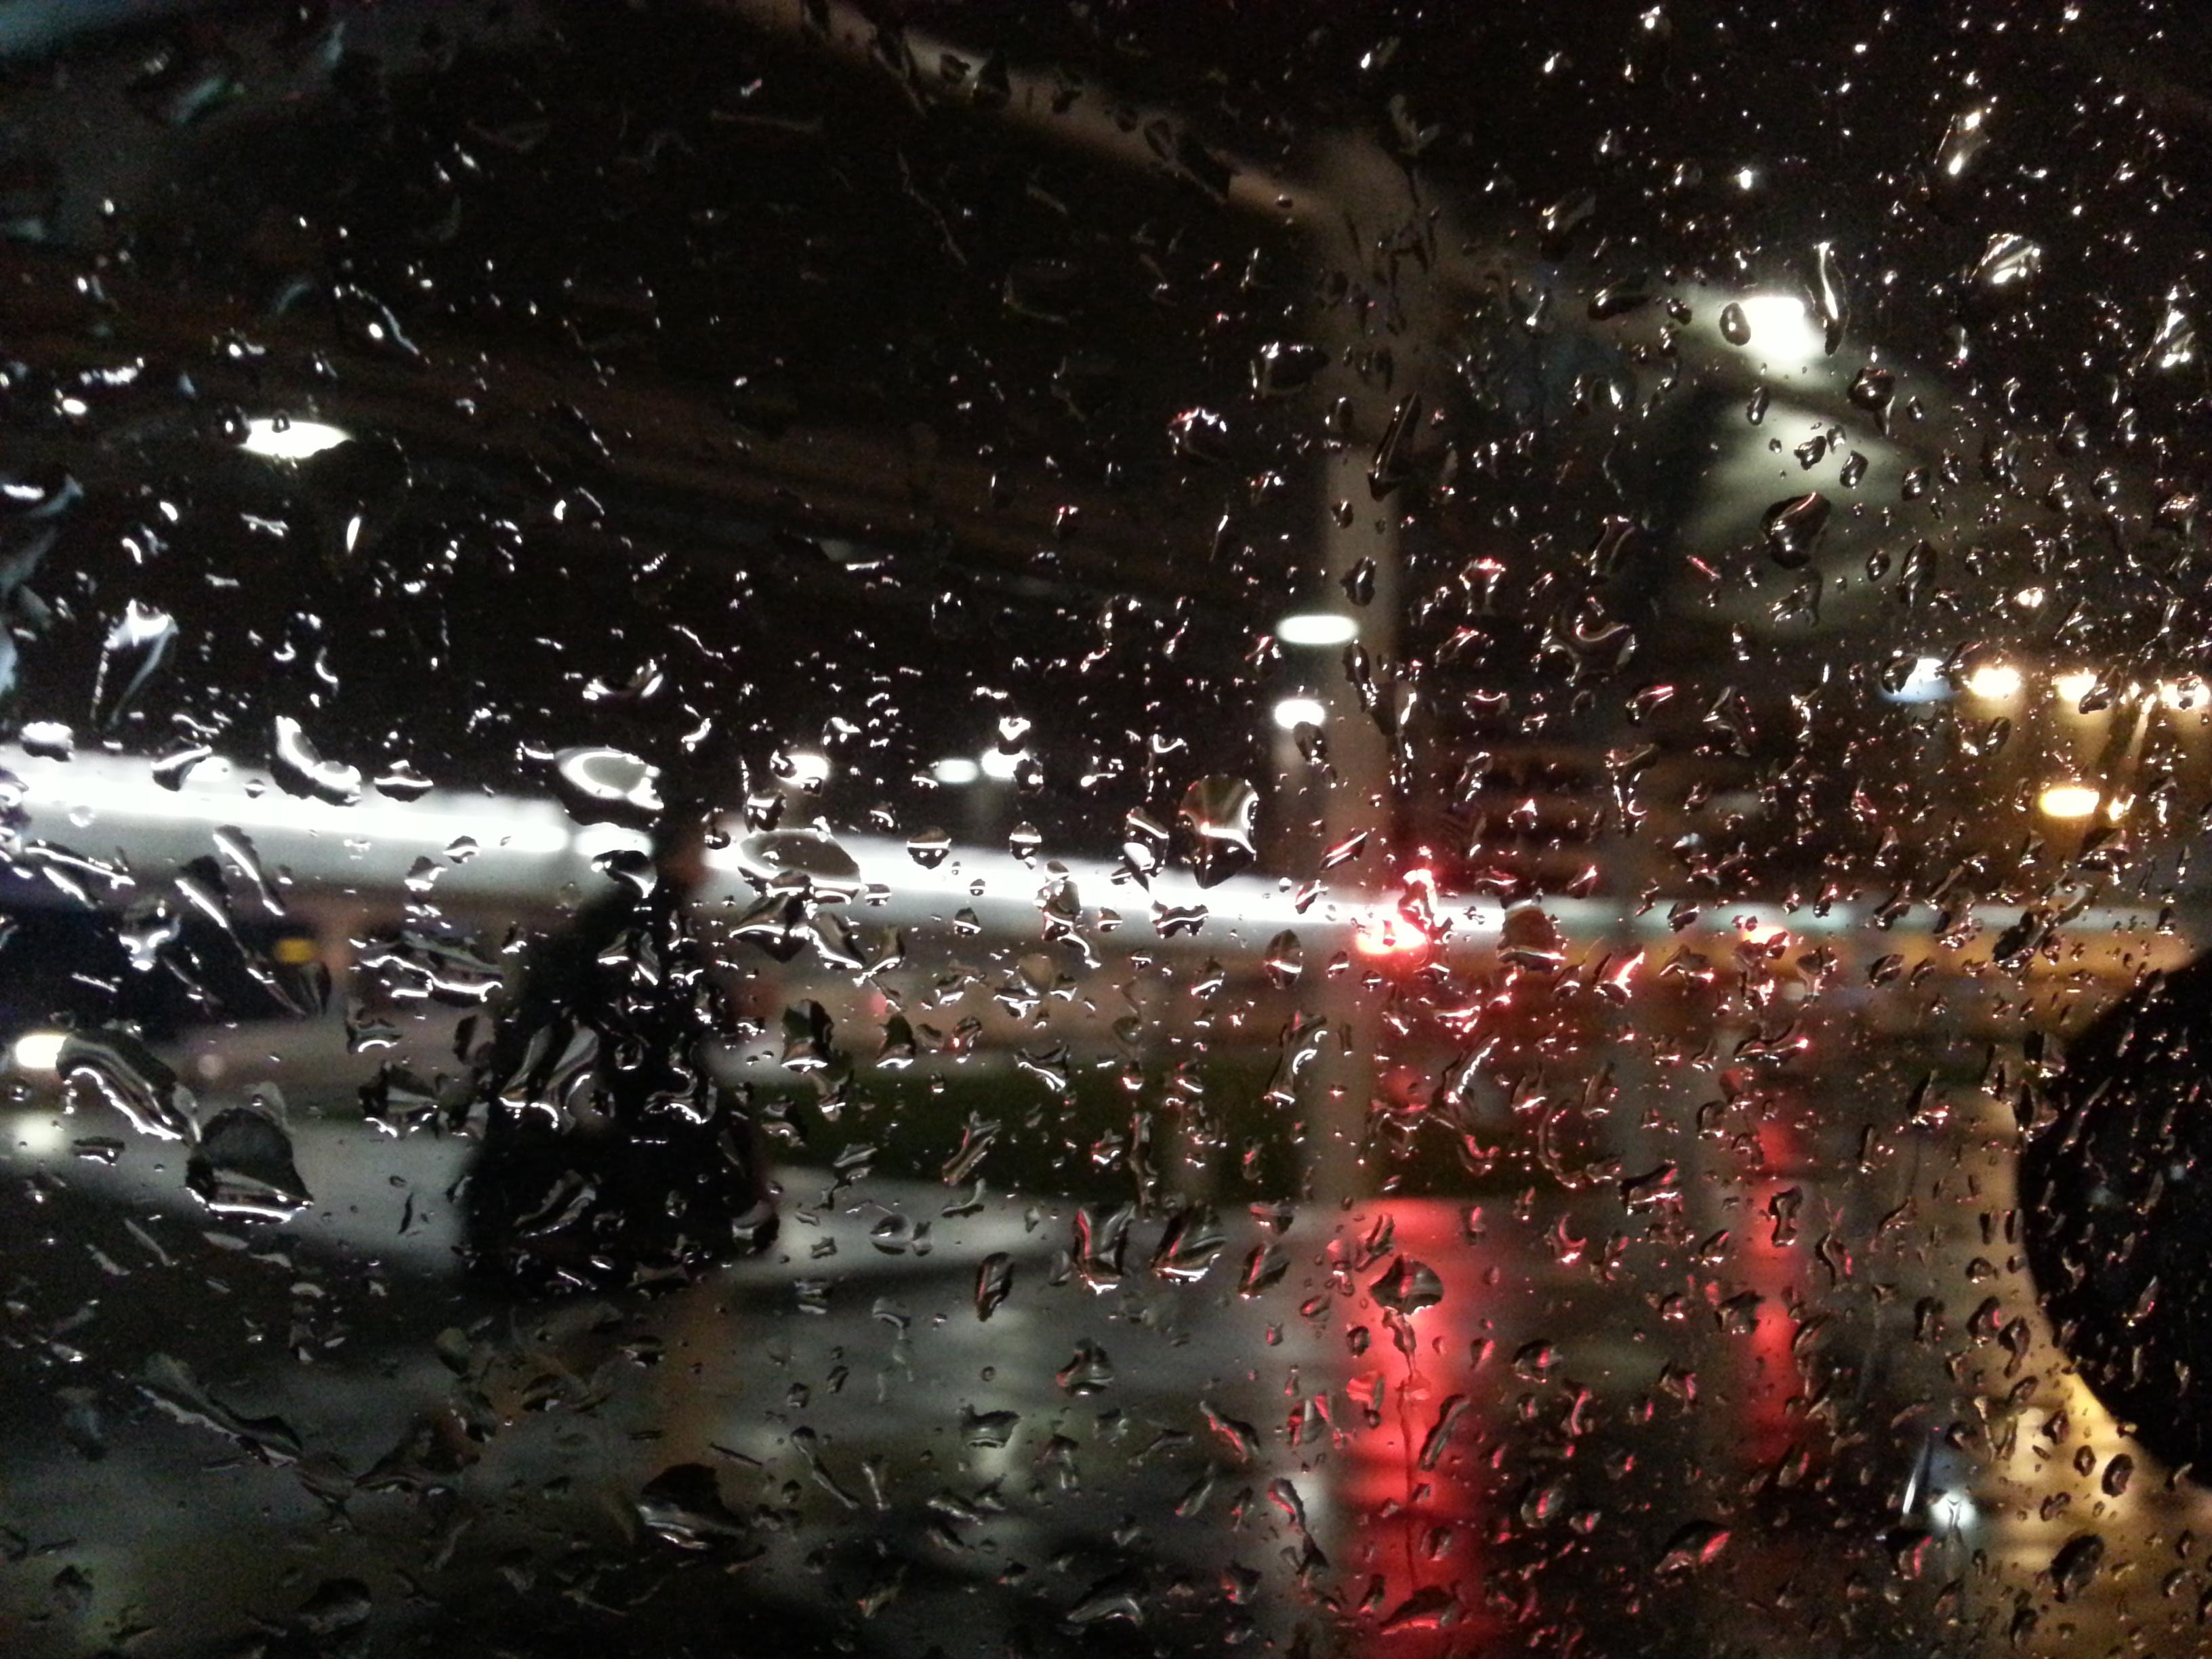 rain on window at night